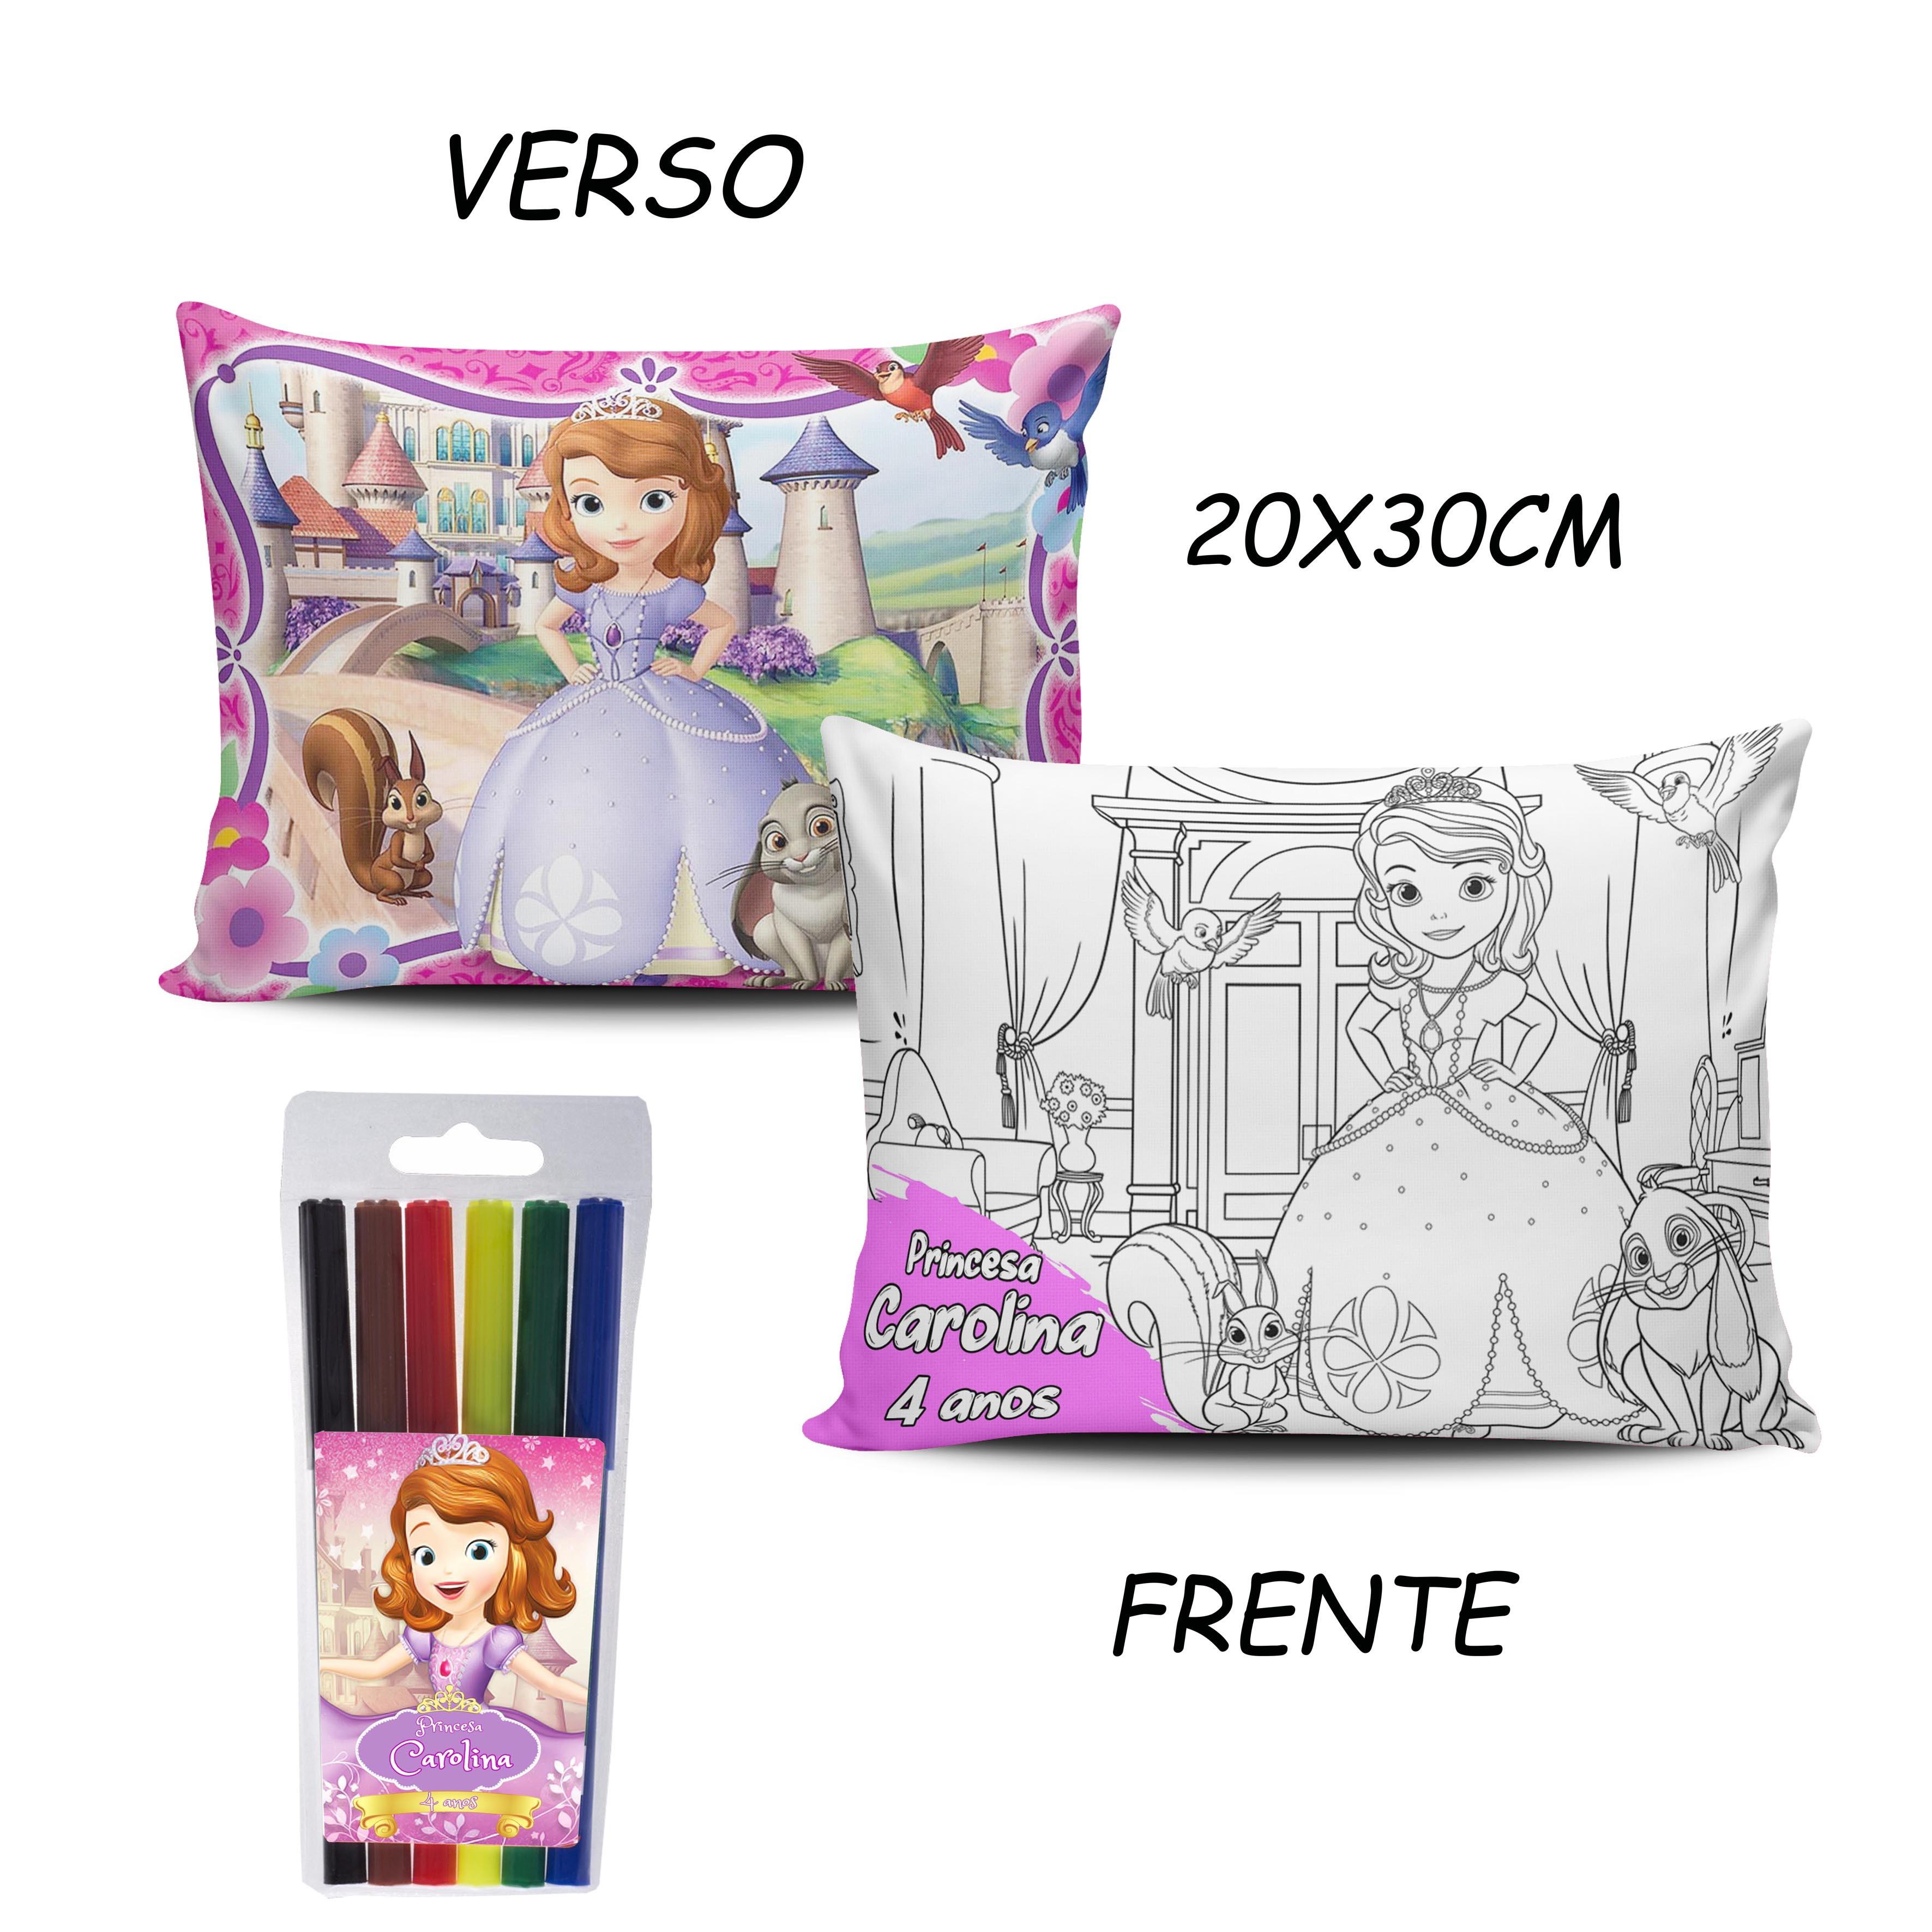 Lembrancinhas Princesa Sofia Almofada Para Pintar 20x30 Cm No